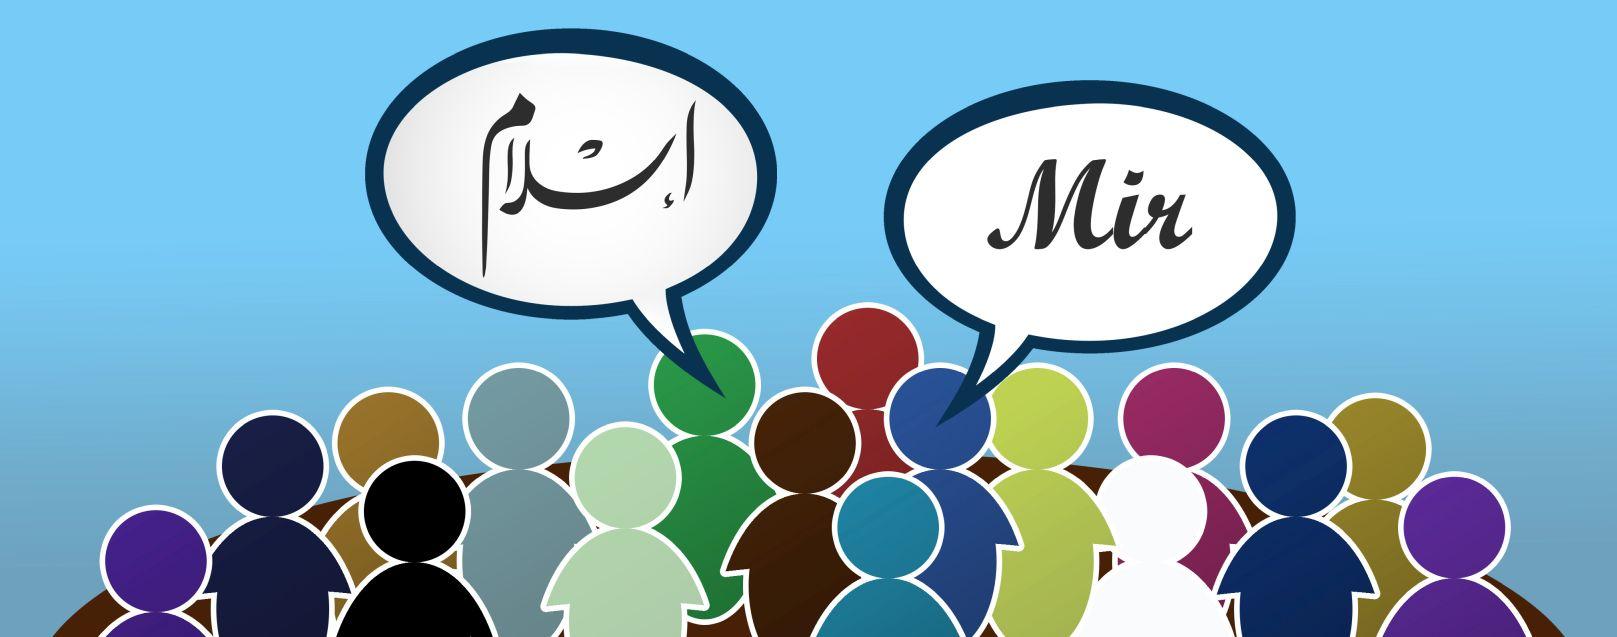 Islam znači mir religija mira